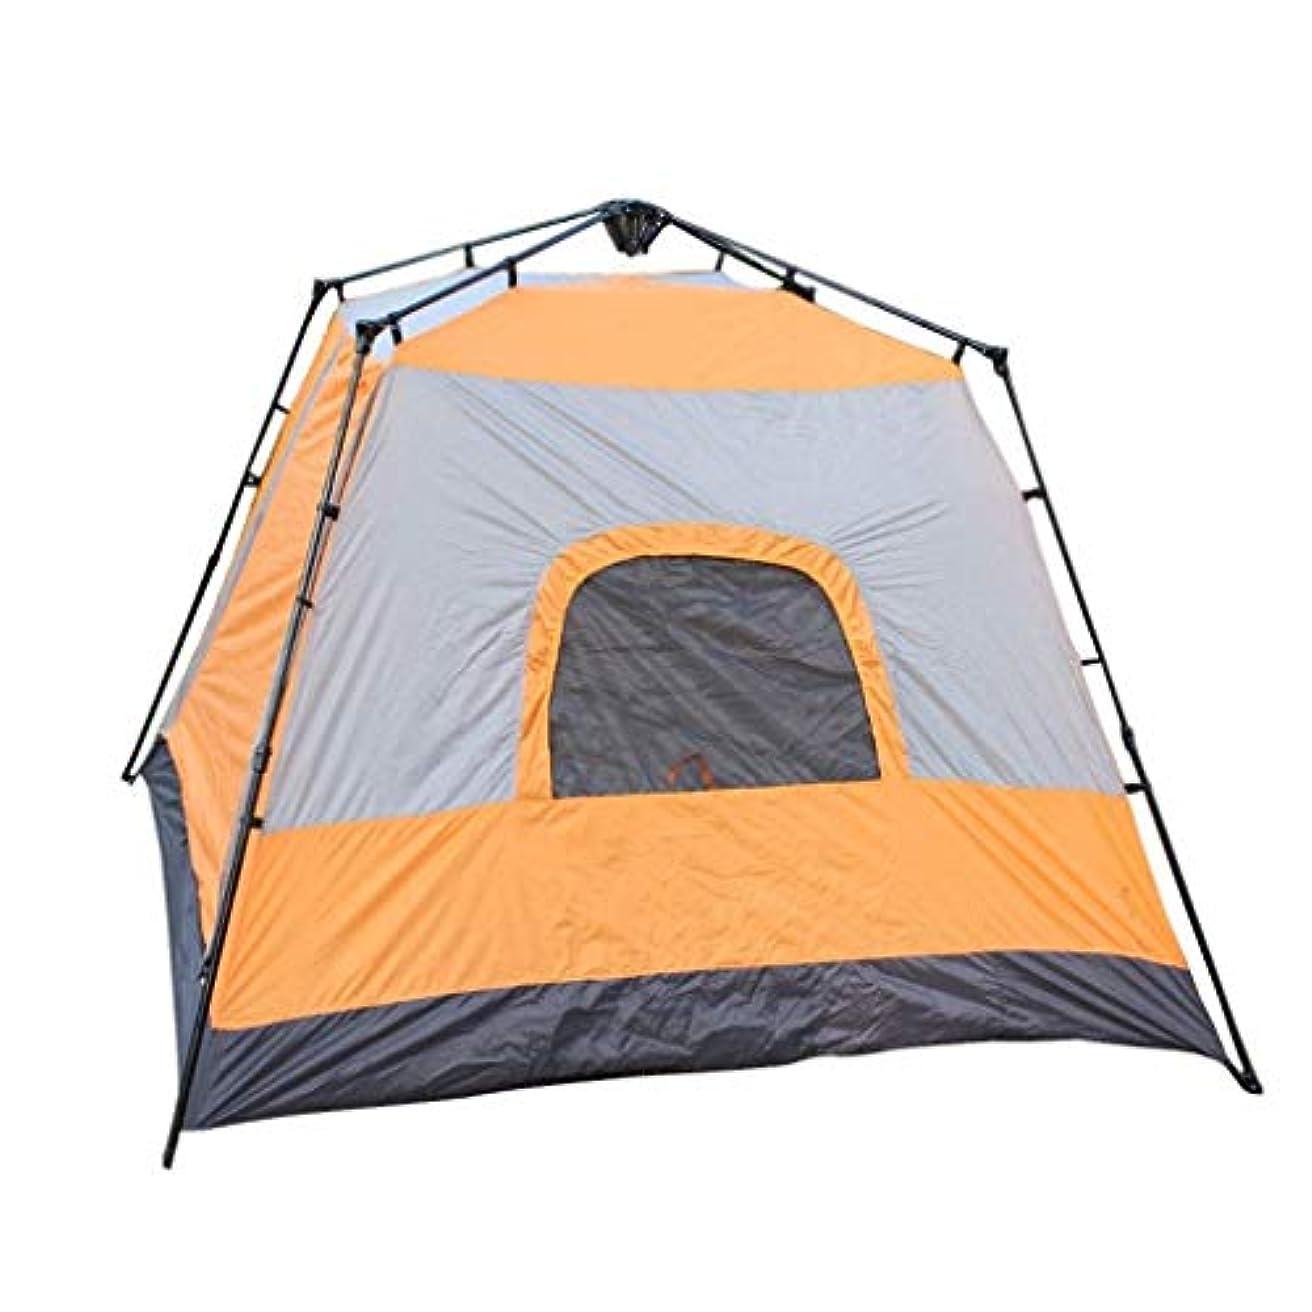 規範スクレーパーオデュッセウスJOLLY 屋外テント、インスタント家族テント自動ポップアップテント防水用アウトドアスポーツキャンプハイキング旅行ビーチ